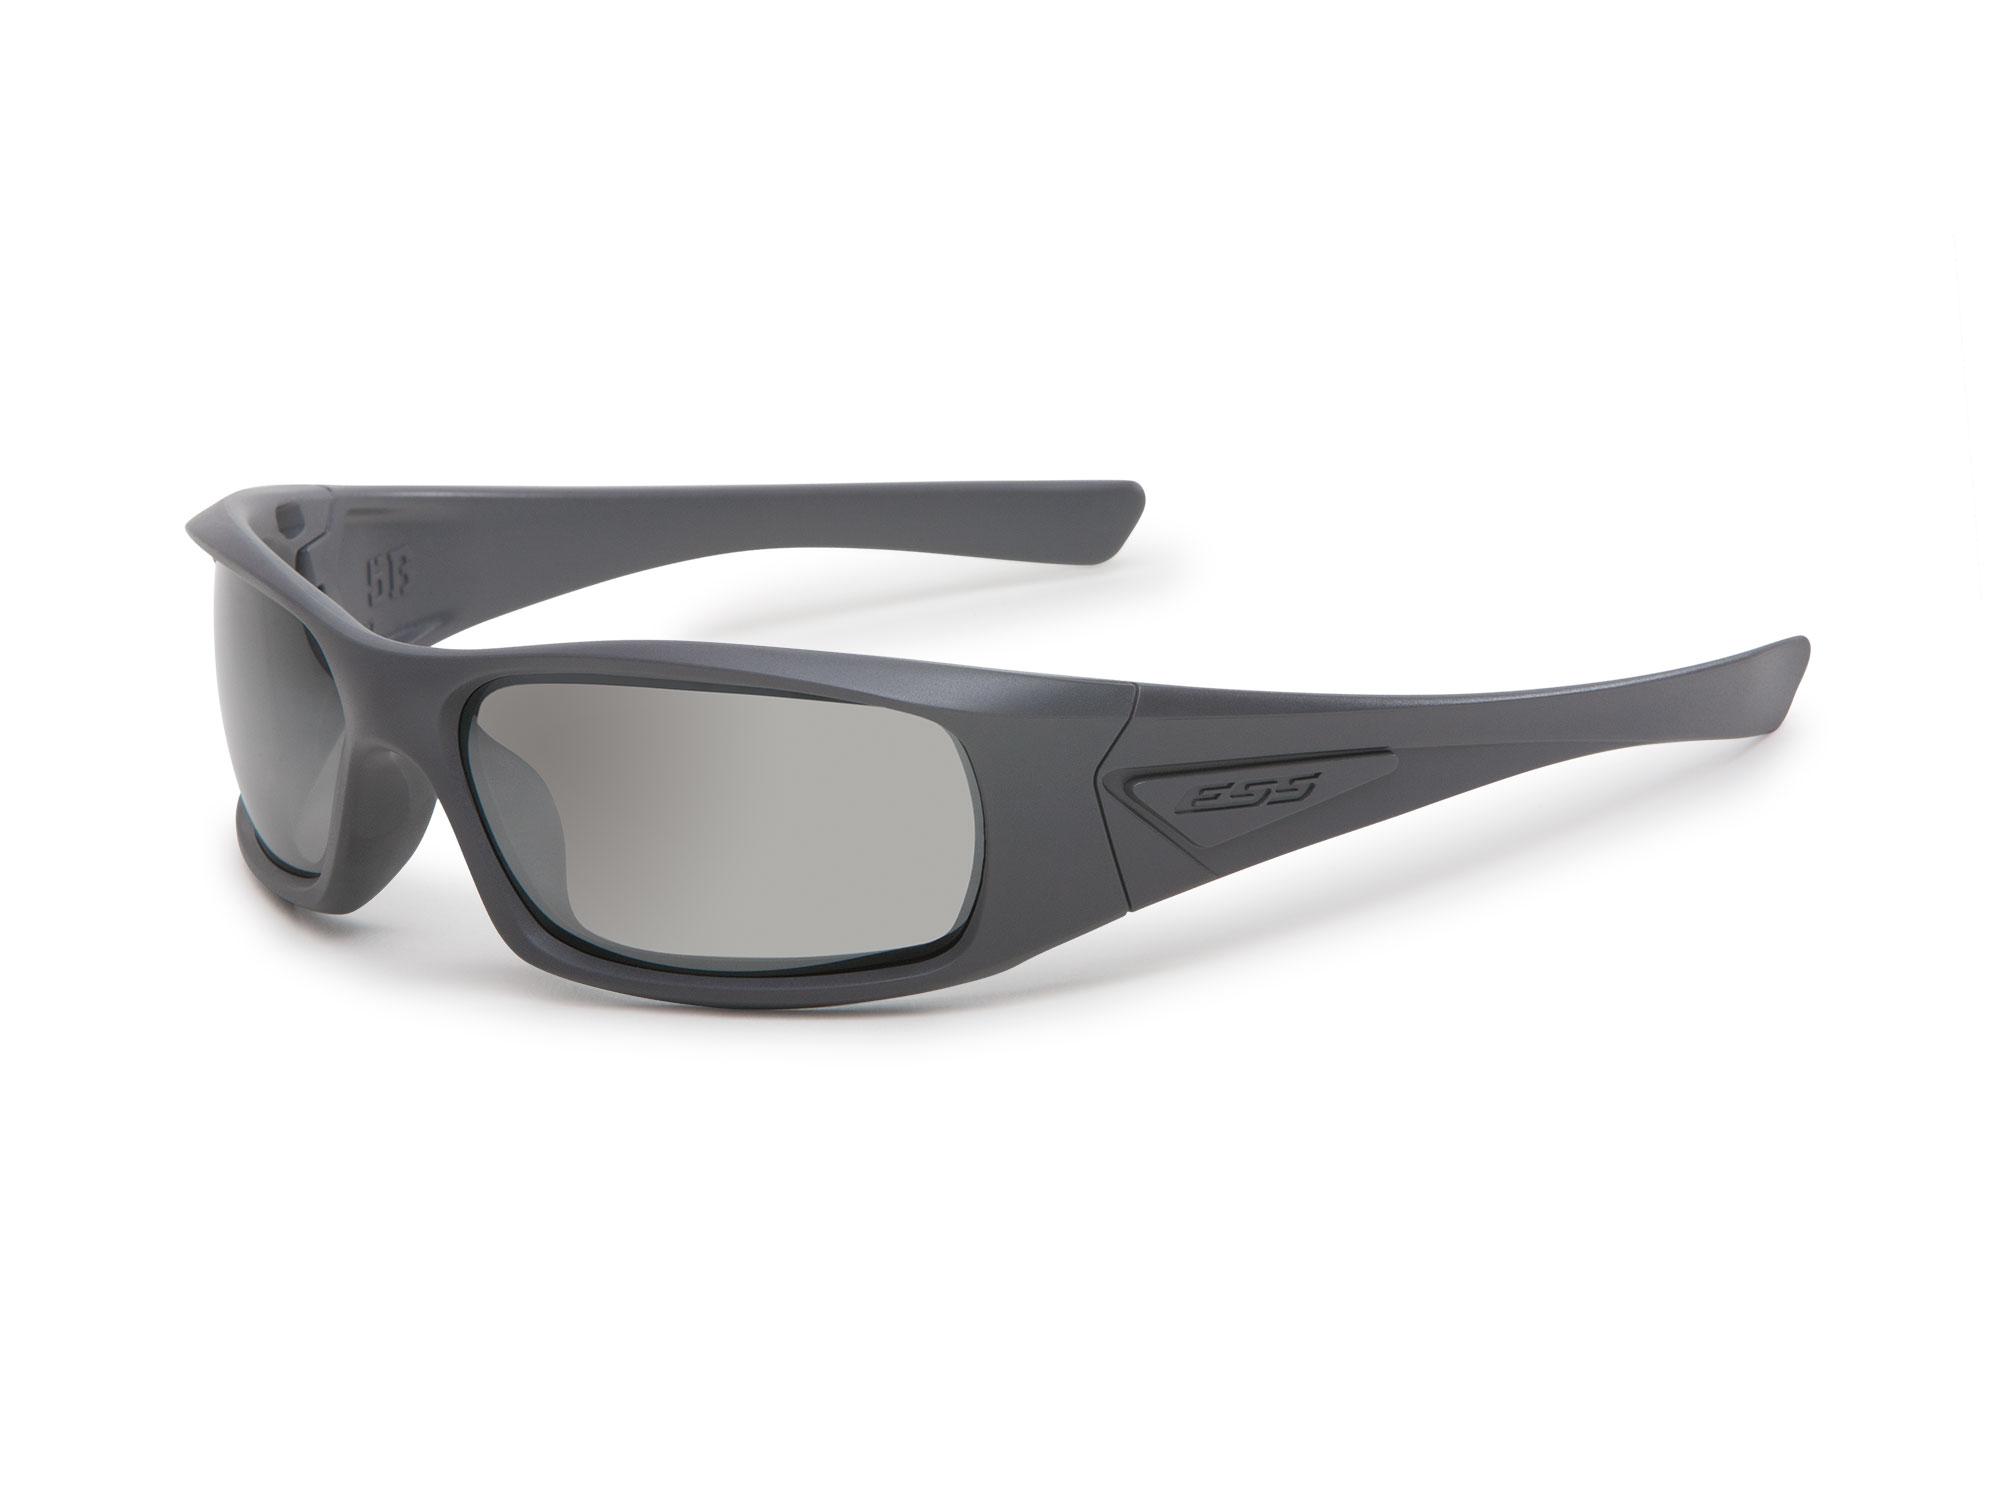 EE9006-05フレーム:グレイ、レンズ:ミラーグレイ